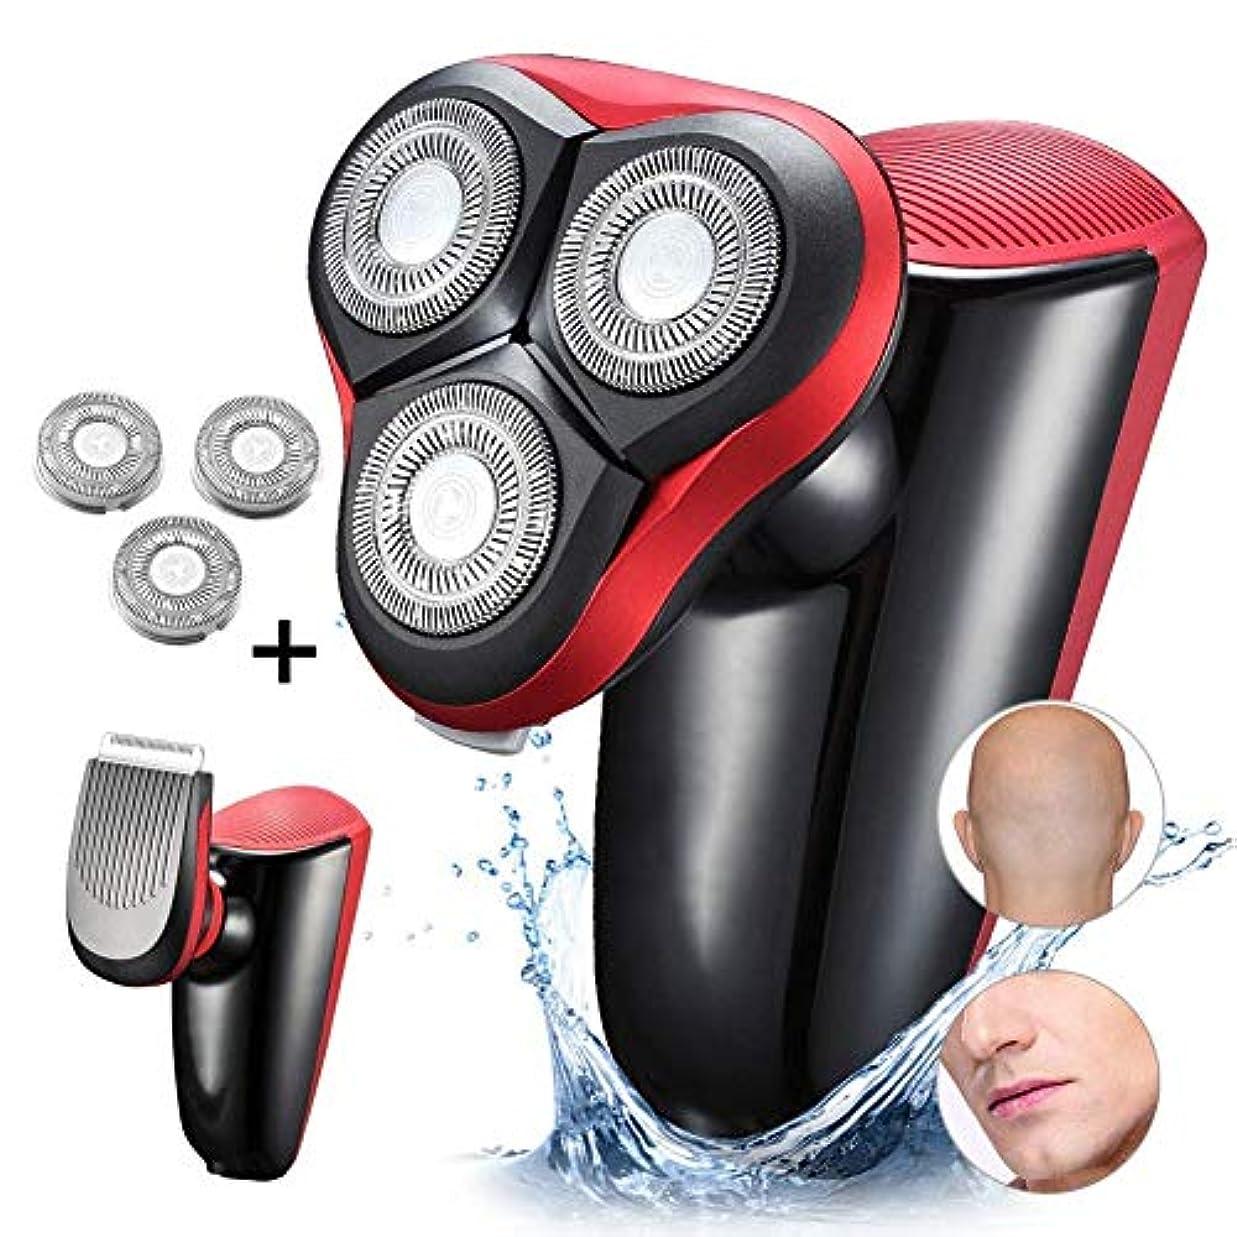 呪われた高度な裁量男性のための電気シェーバーカミソリ簡単なヘッドシェーバーひげトリマーヘアクリッパーUSB充電式カミソリ3ブレードシェーバー洗えるシェービングマシン